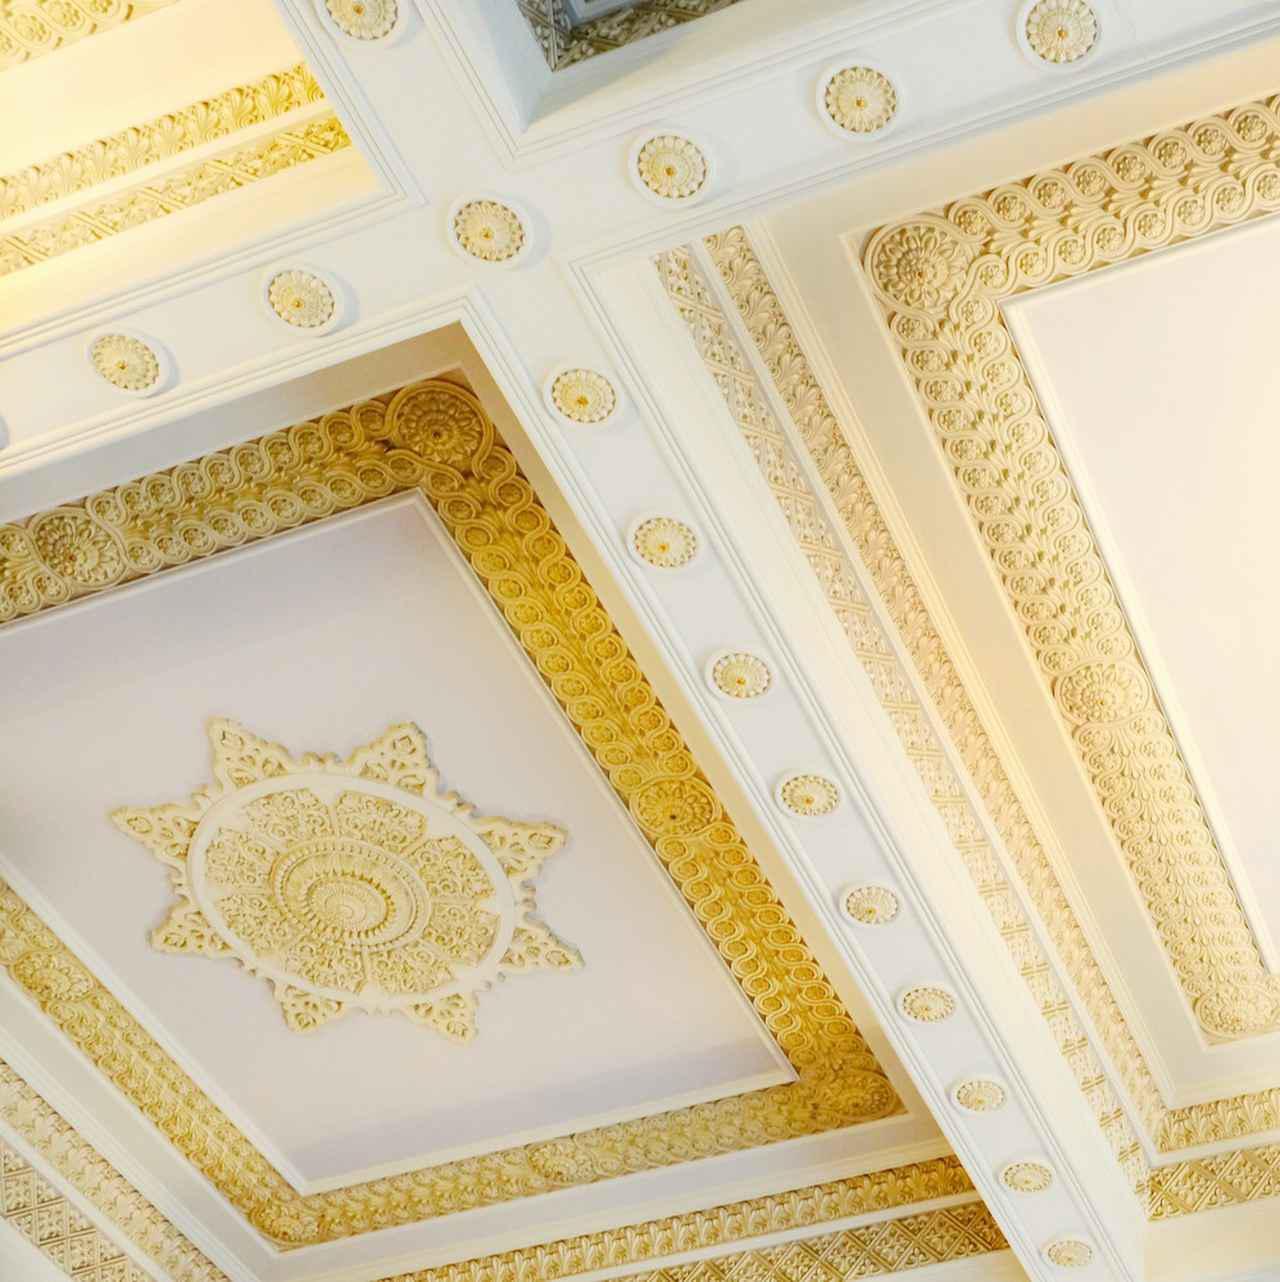 画像: 天井まで細工が施されています。庁舎全体に装飾がいきわたり、高価な建材がふんだんに使われています。当時のお金で102万円、今に換算すると100億円を軽く超えるほどの資金を投じて建設されたとのことです。